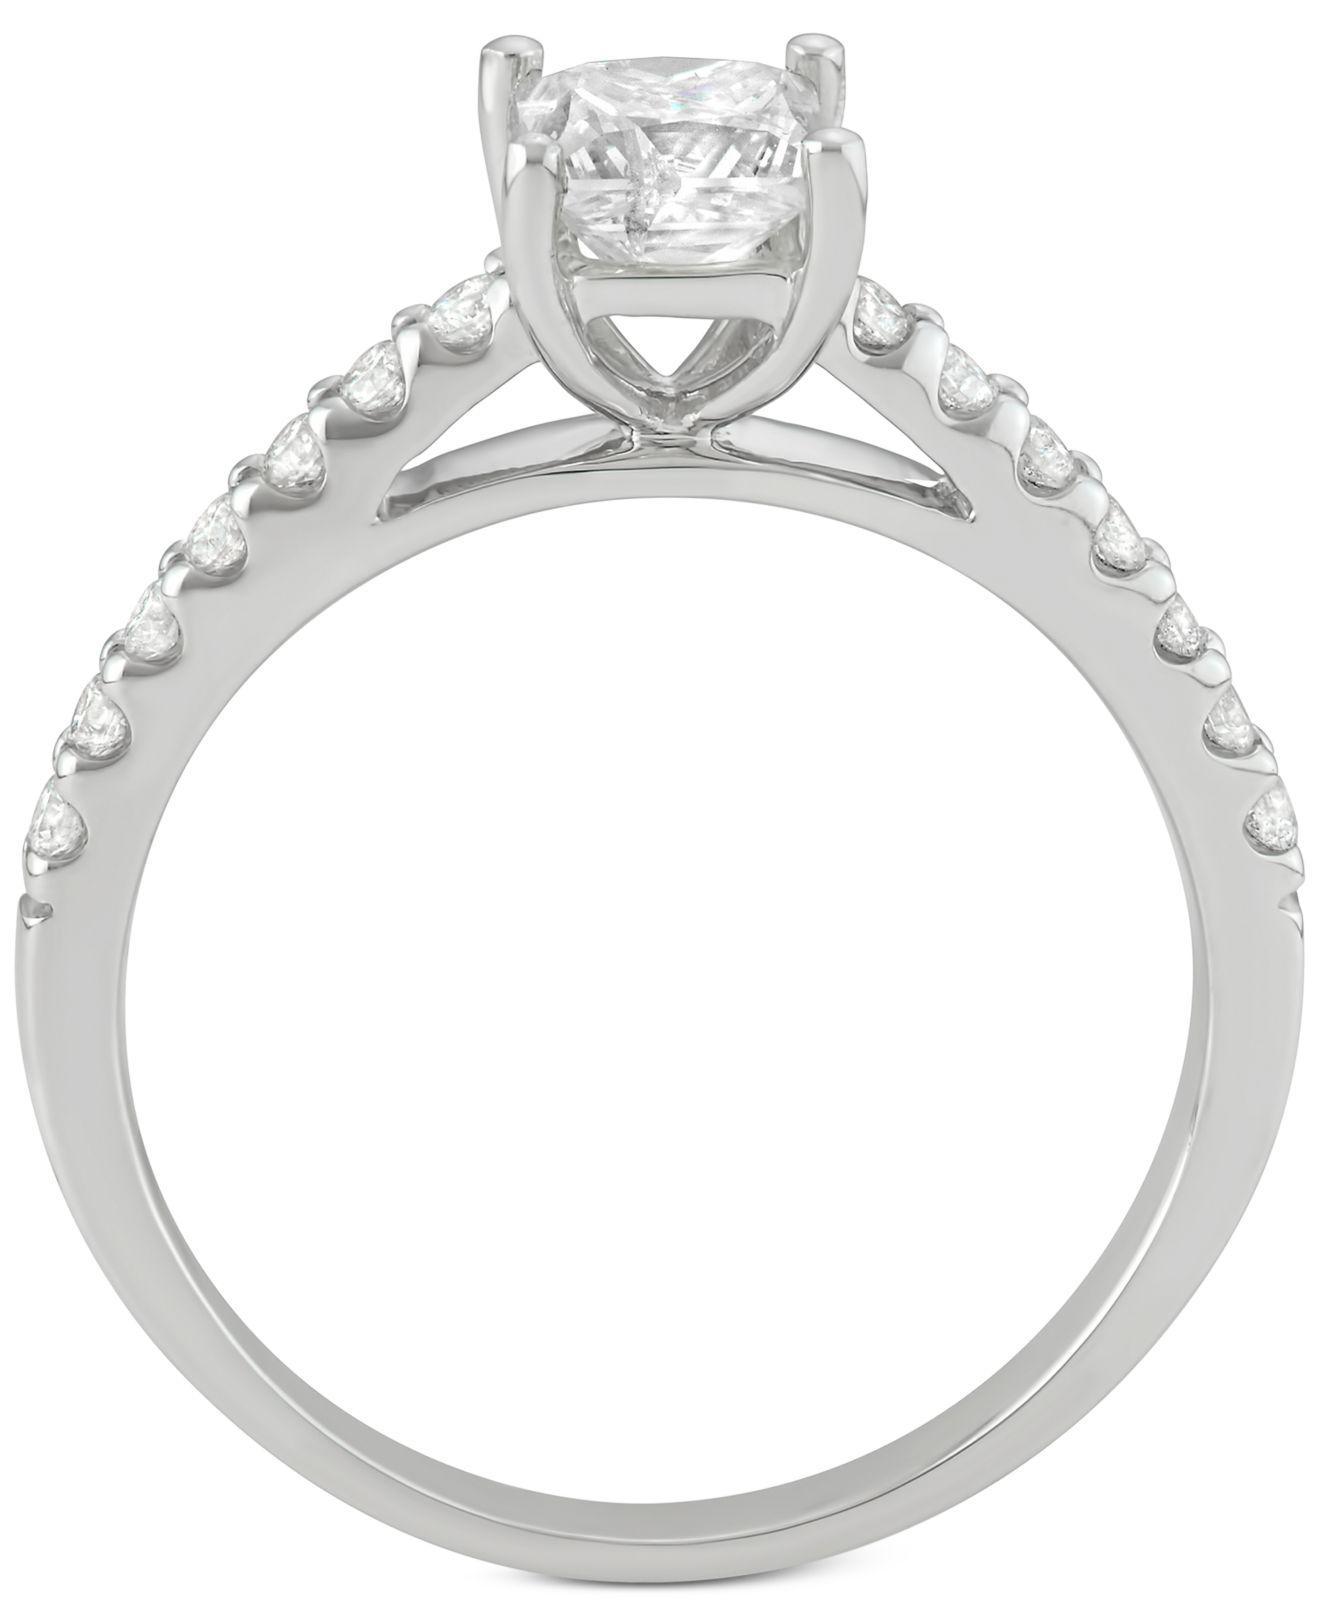 Macy s Diamond Princess Bridal Set 1 1 4 Ct T w In 14k White